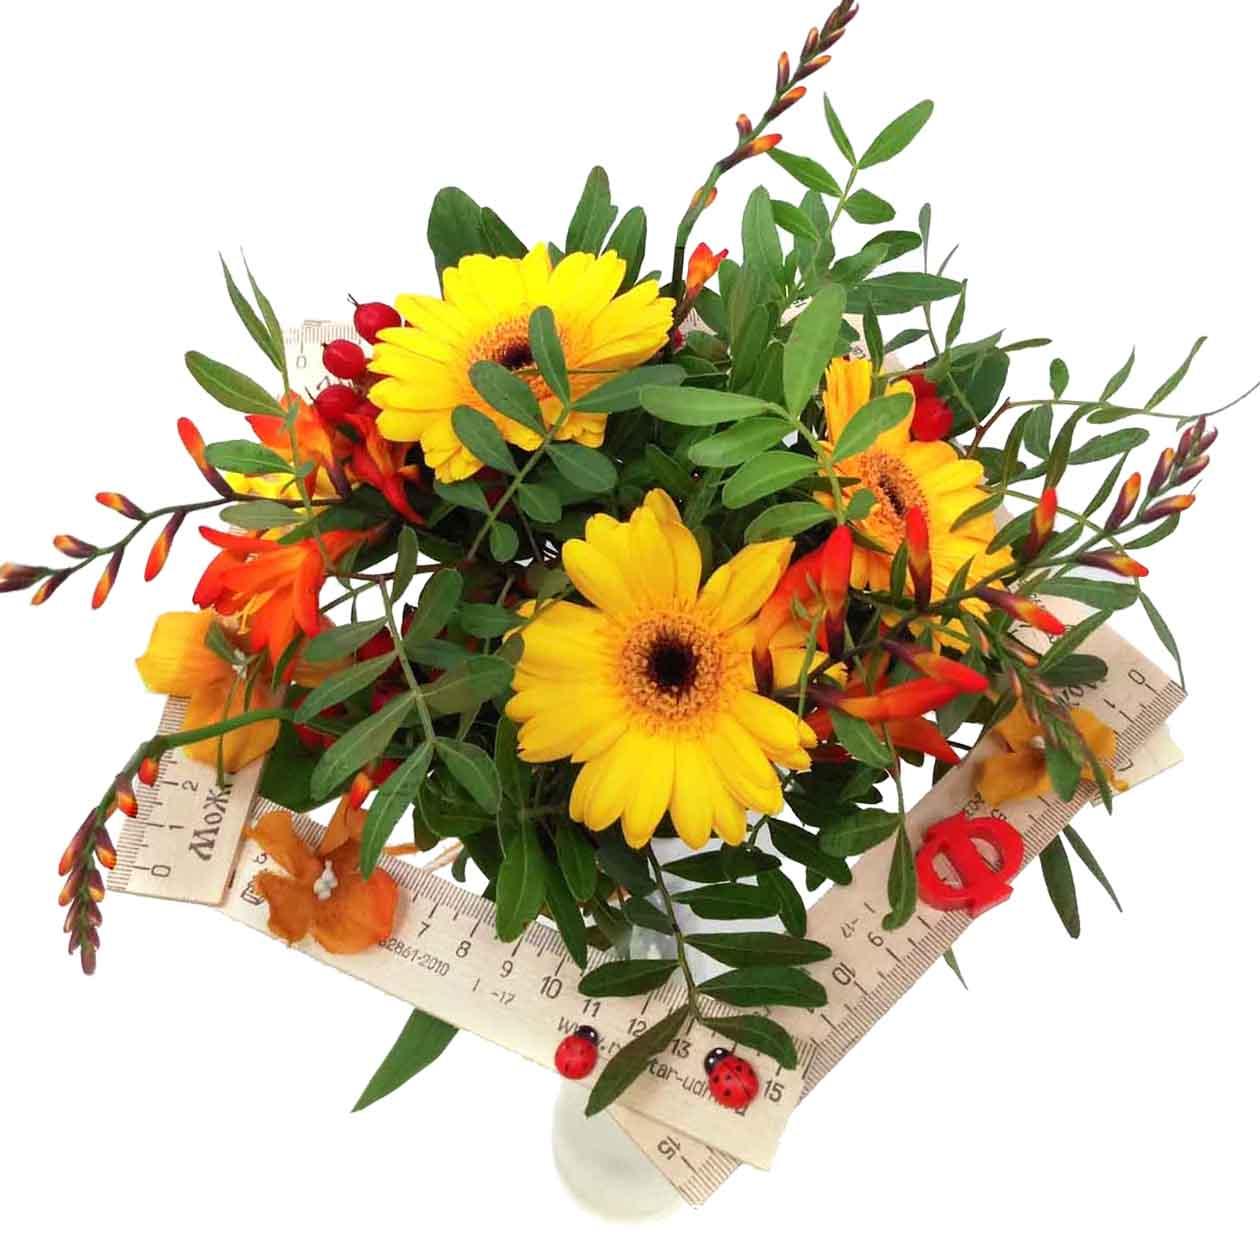 Доставка цветов до 1000 рублей казань, живые цветы оптом